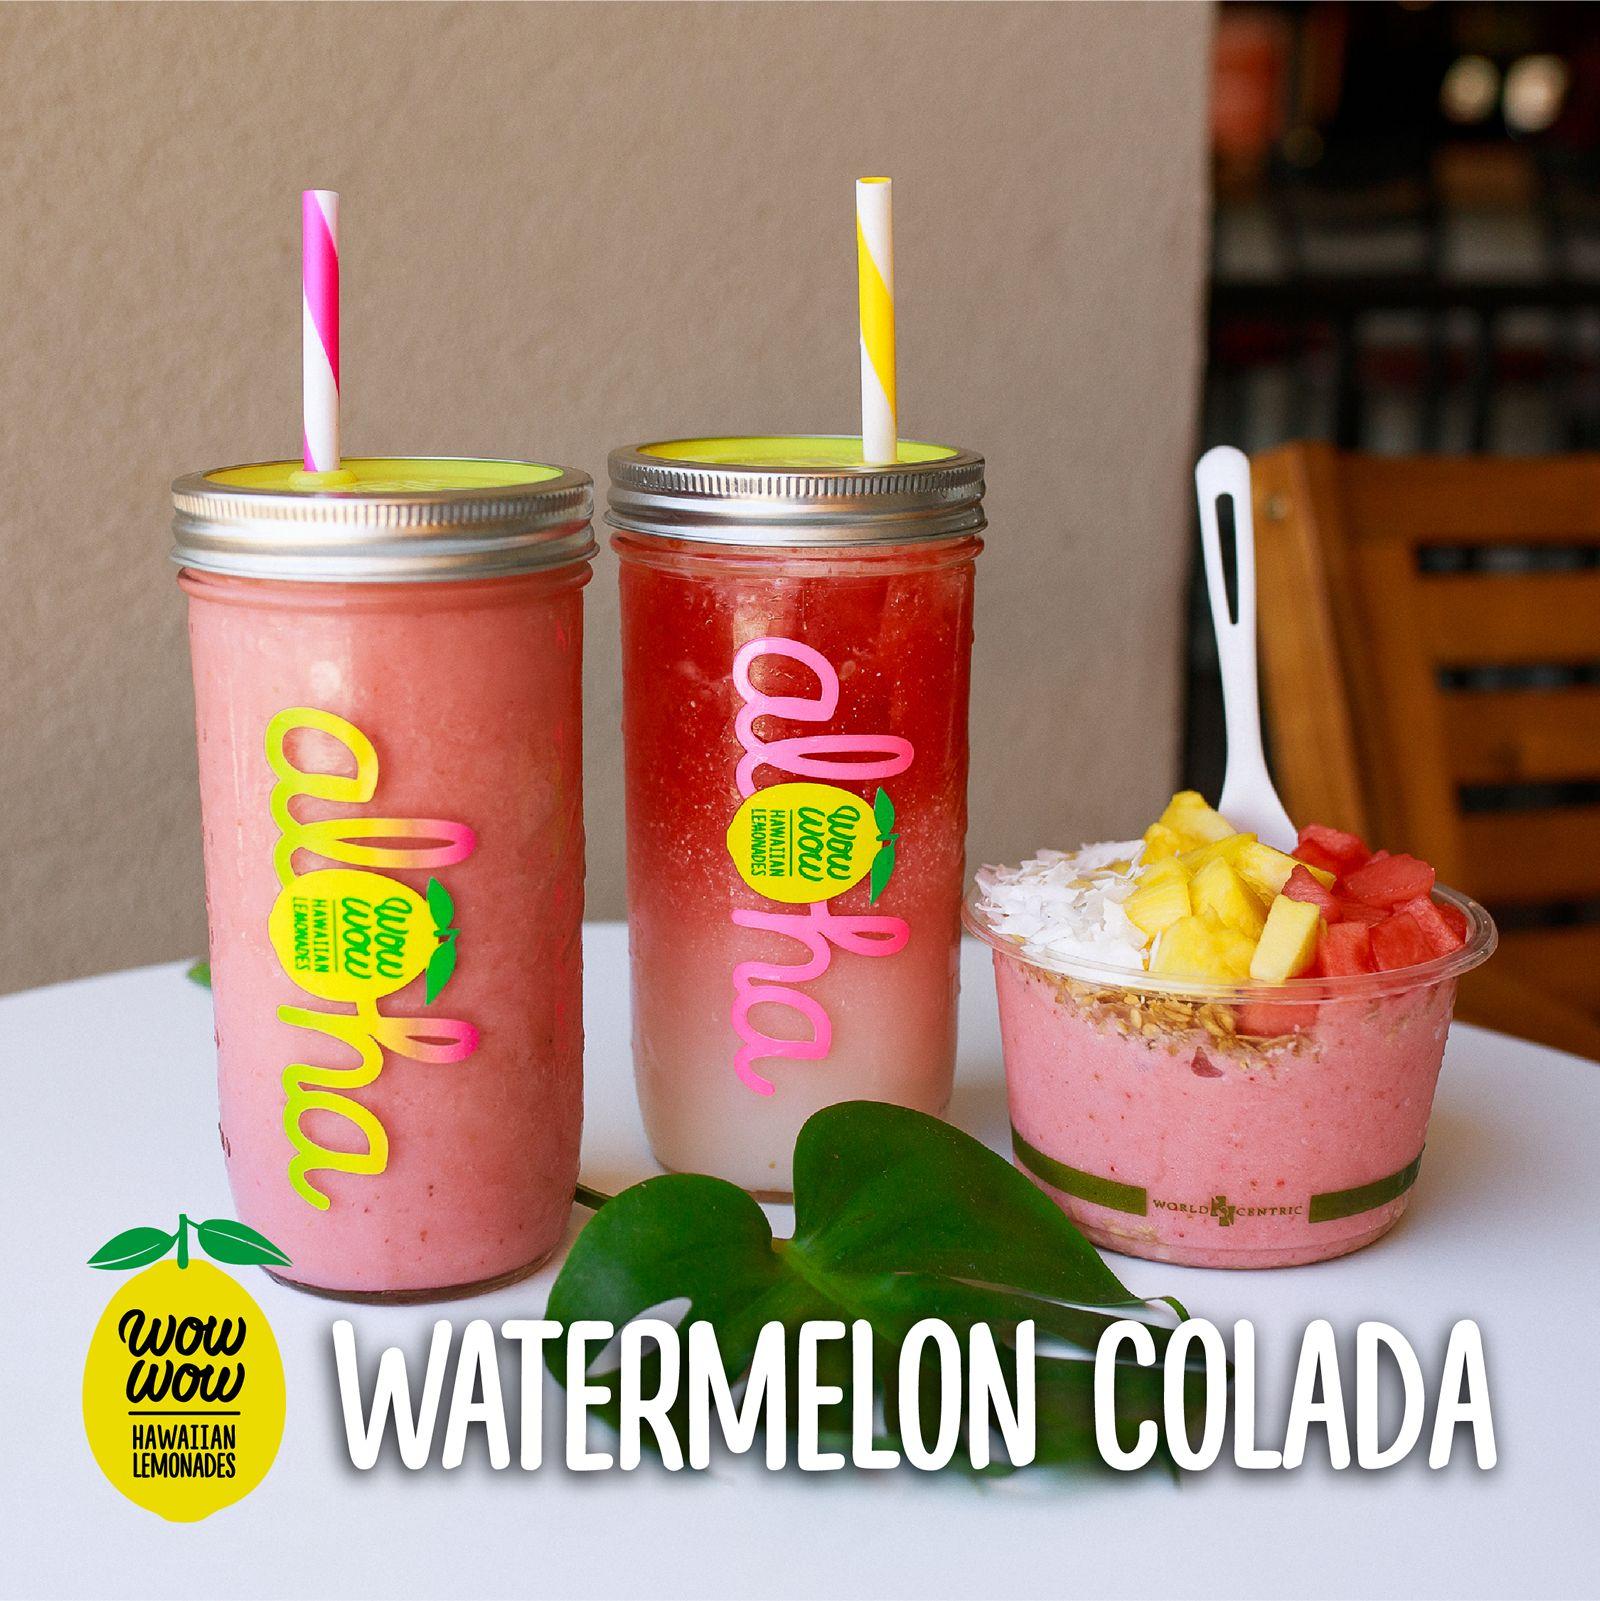 Wow Wow Hawaiian Lemonade lance un menu d'été comprenant des smoothies, des bols et des limonades à la pastèque Colada